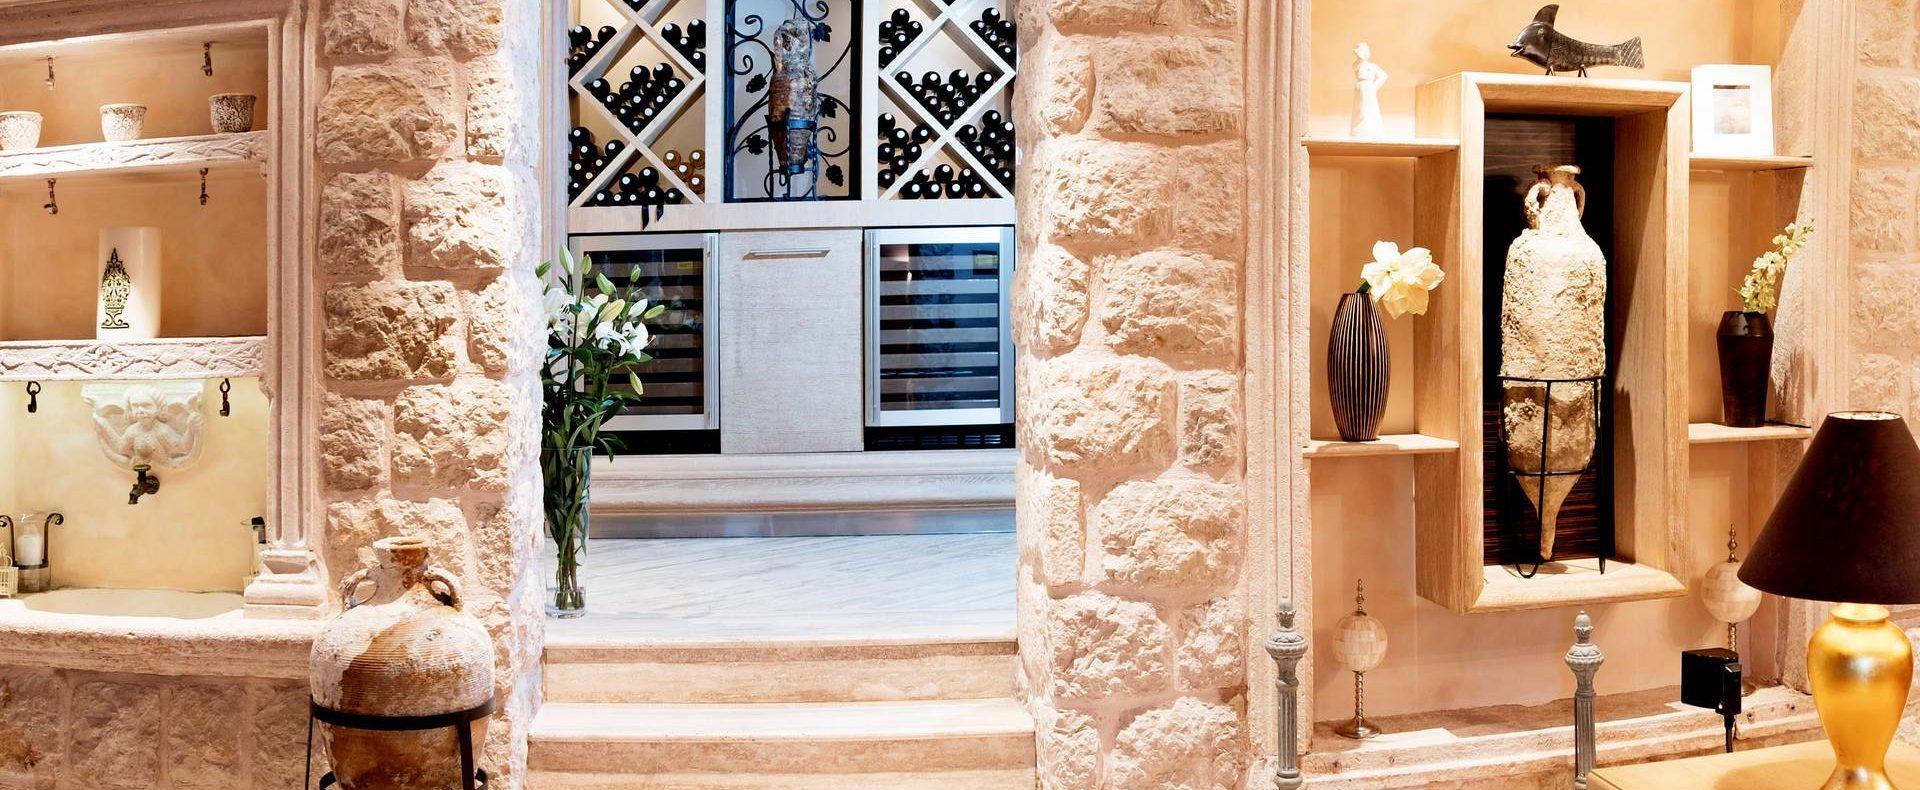 Wine tasting in wine cellars Dubrovnik villa